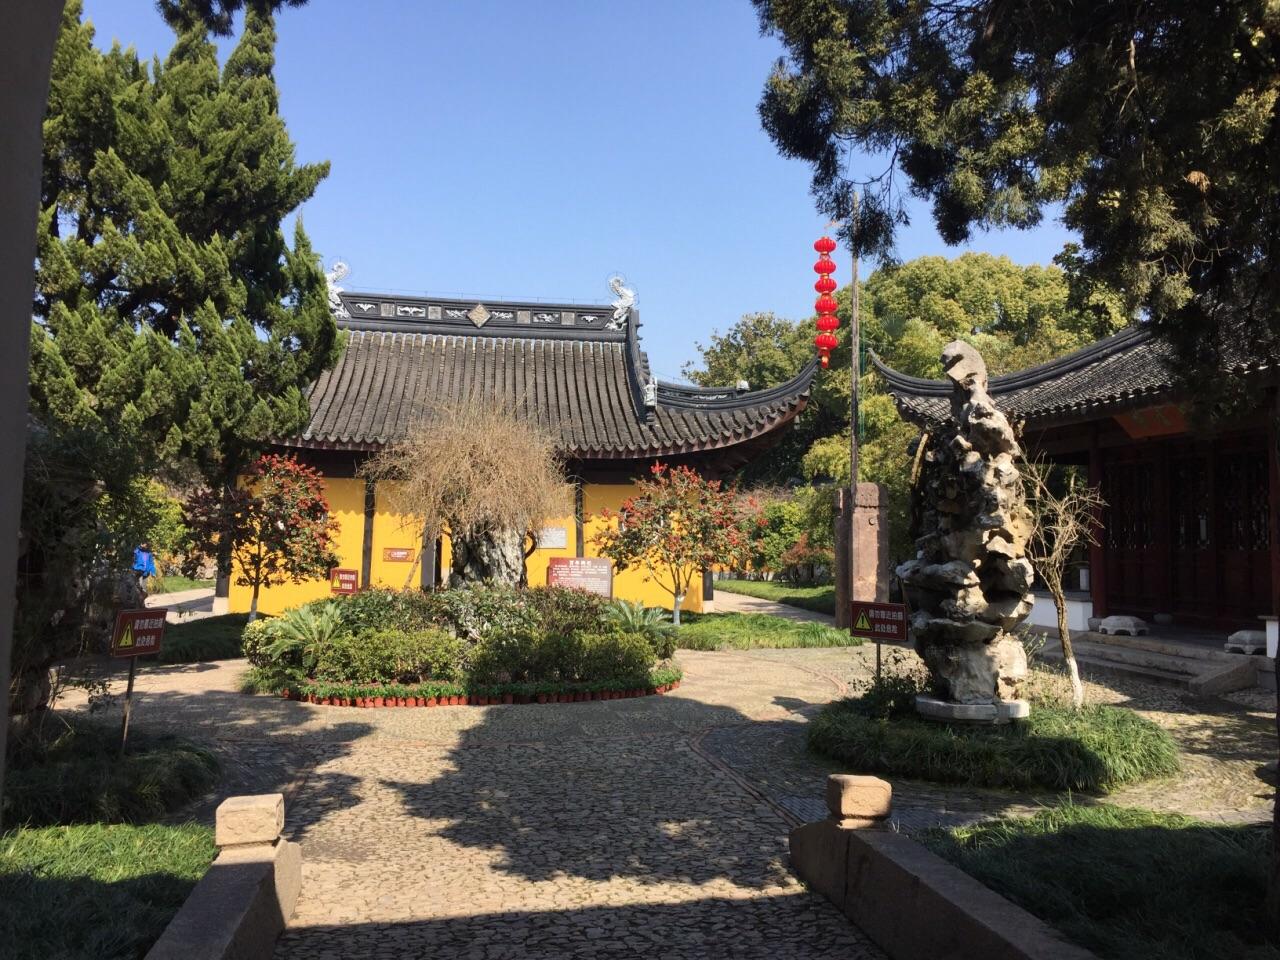 苏州被忽视的寺庙,距今有1500多年历史,至今保持了一流寺庙格局